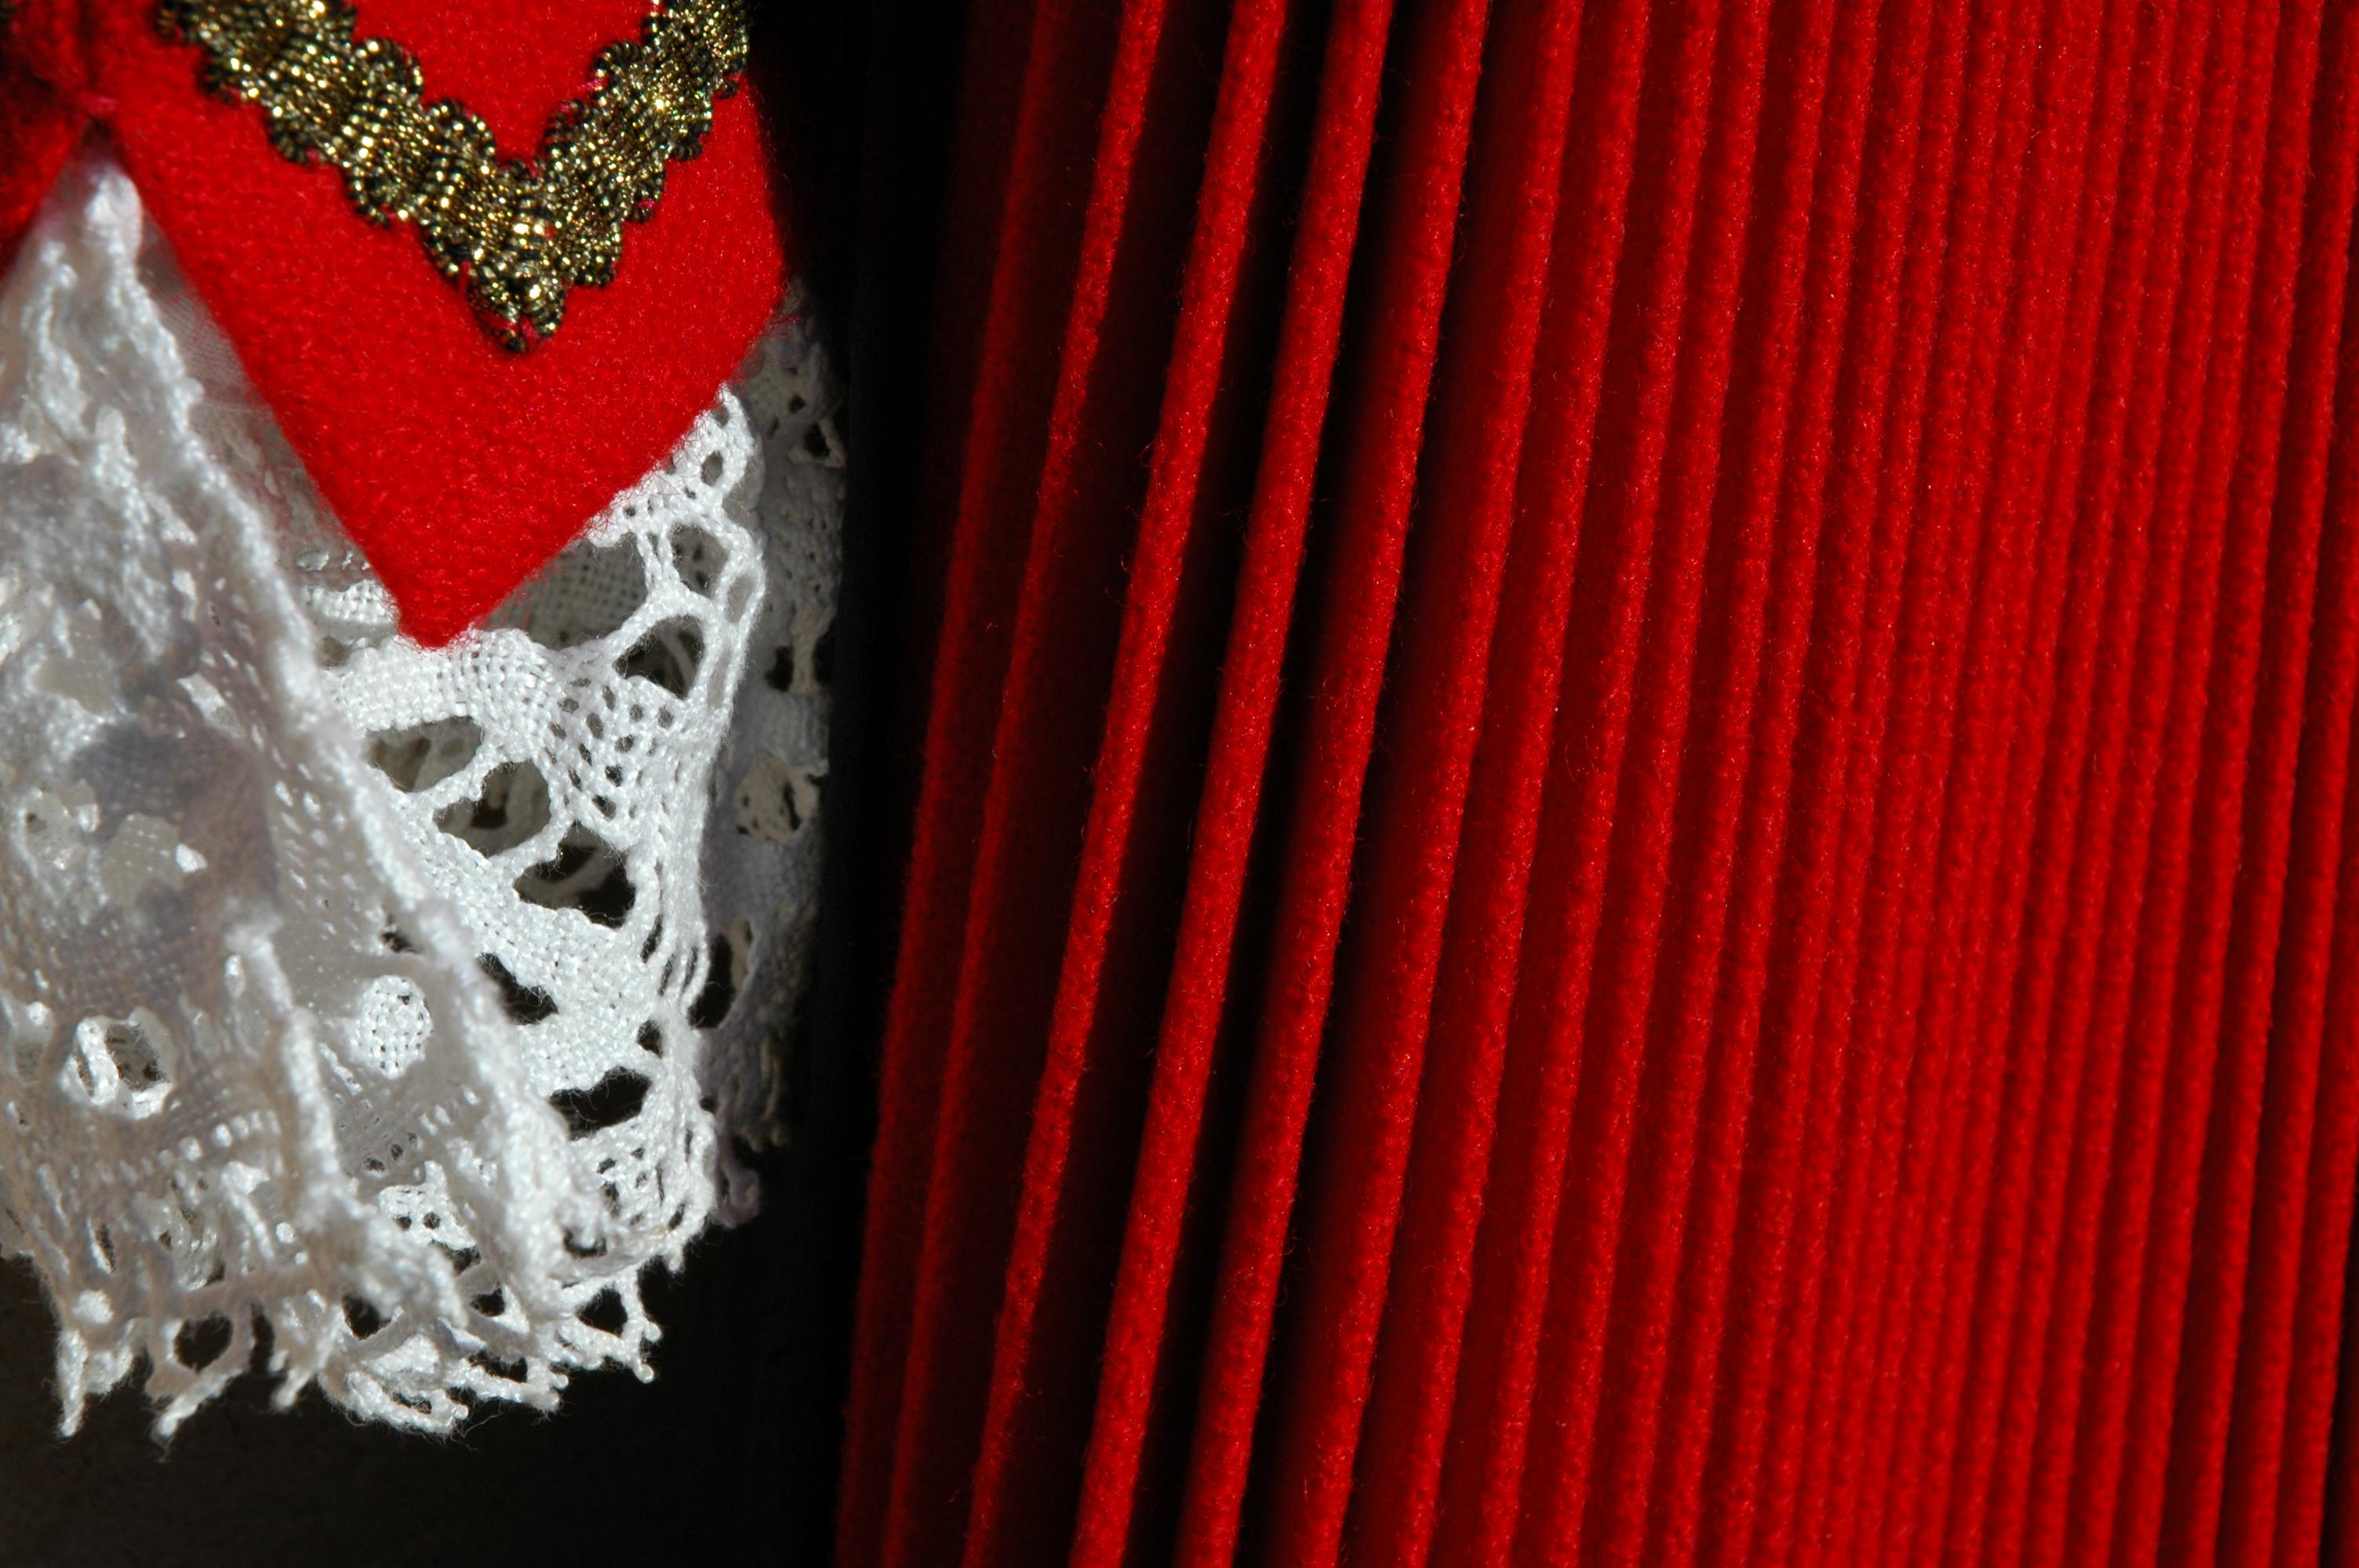 Mintga detagl dal costum è reglamentà.  Las murinellas, las borduras d'aur e la stoffa cotschna...